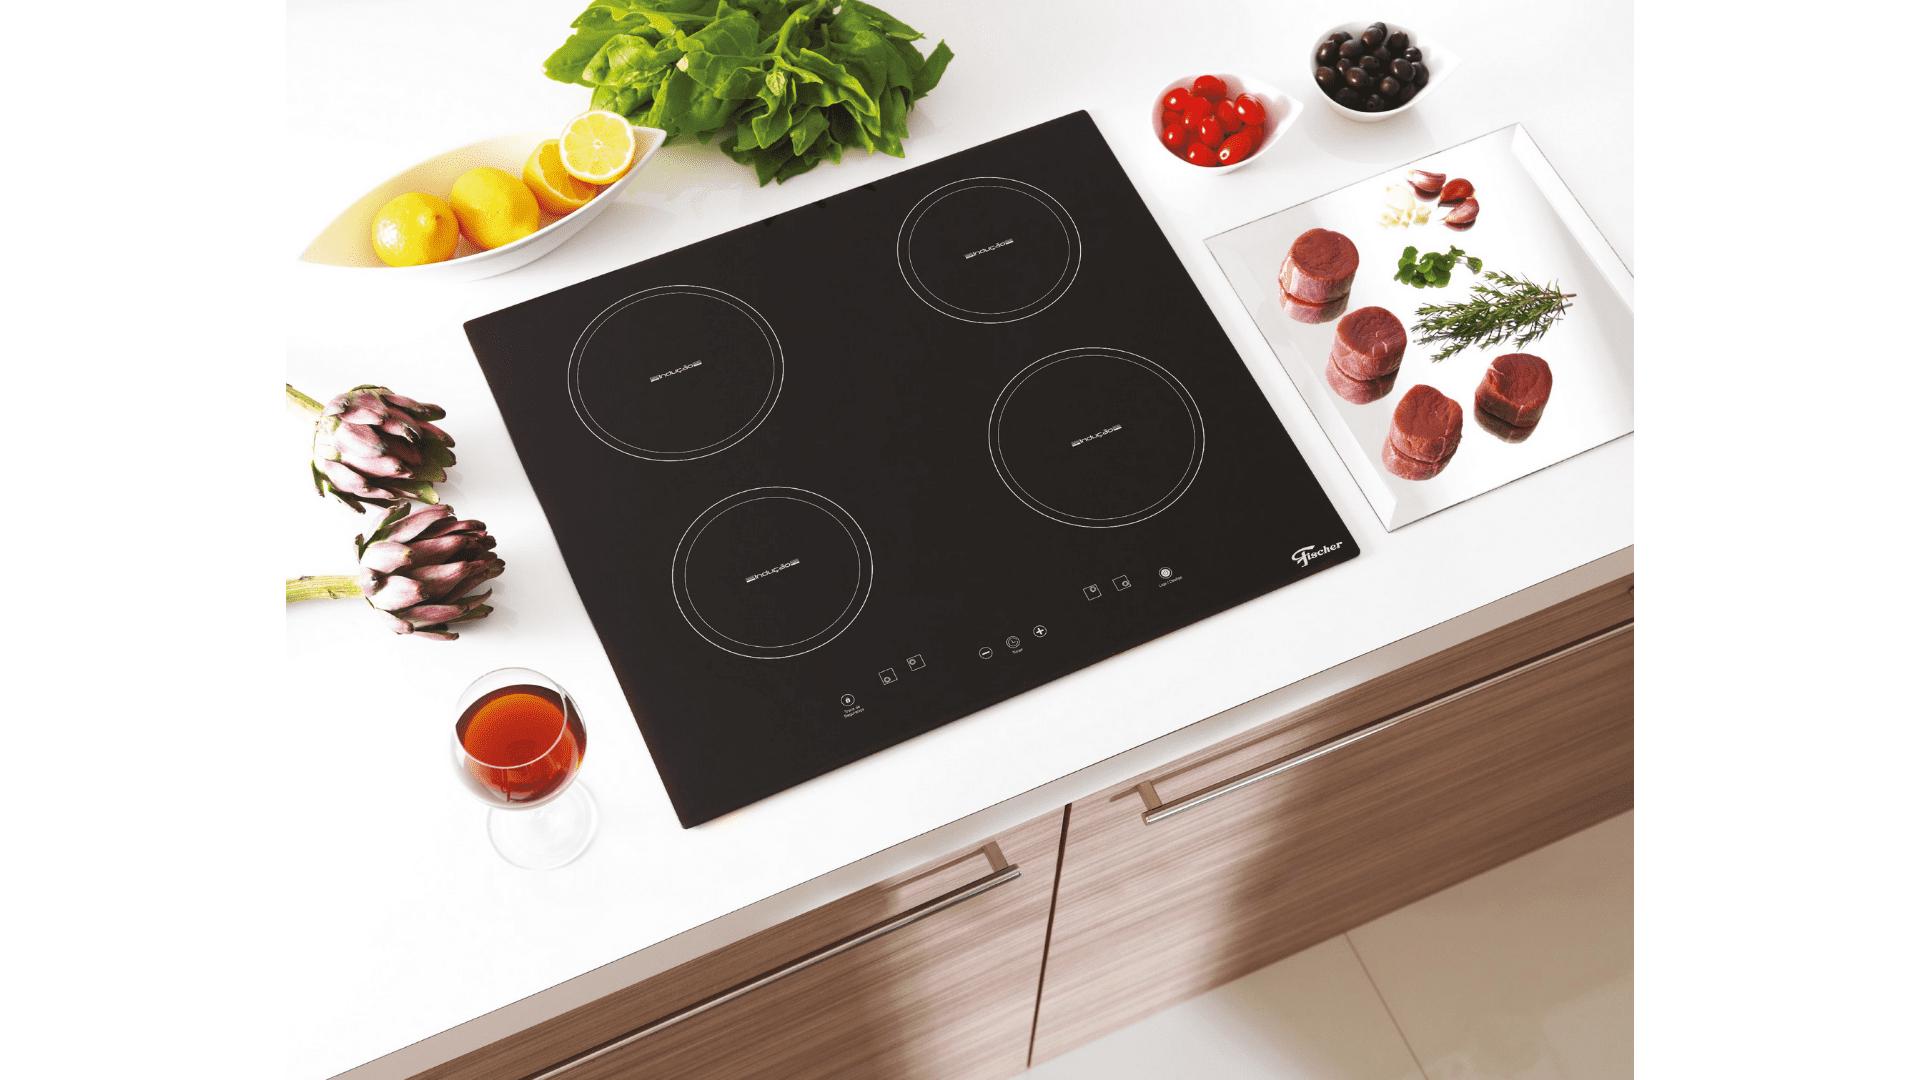 Os cooktops por indução demandam uma panela específica no uso. (Imagem: Divulgação/Fischer)